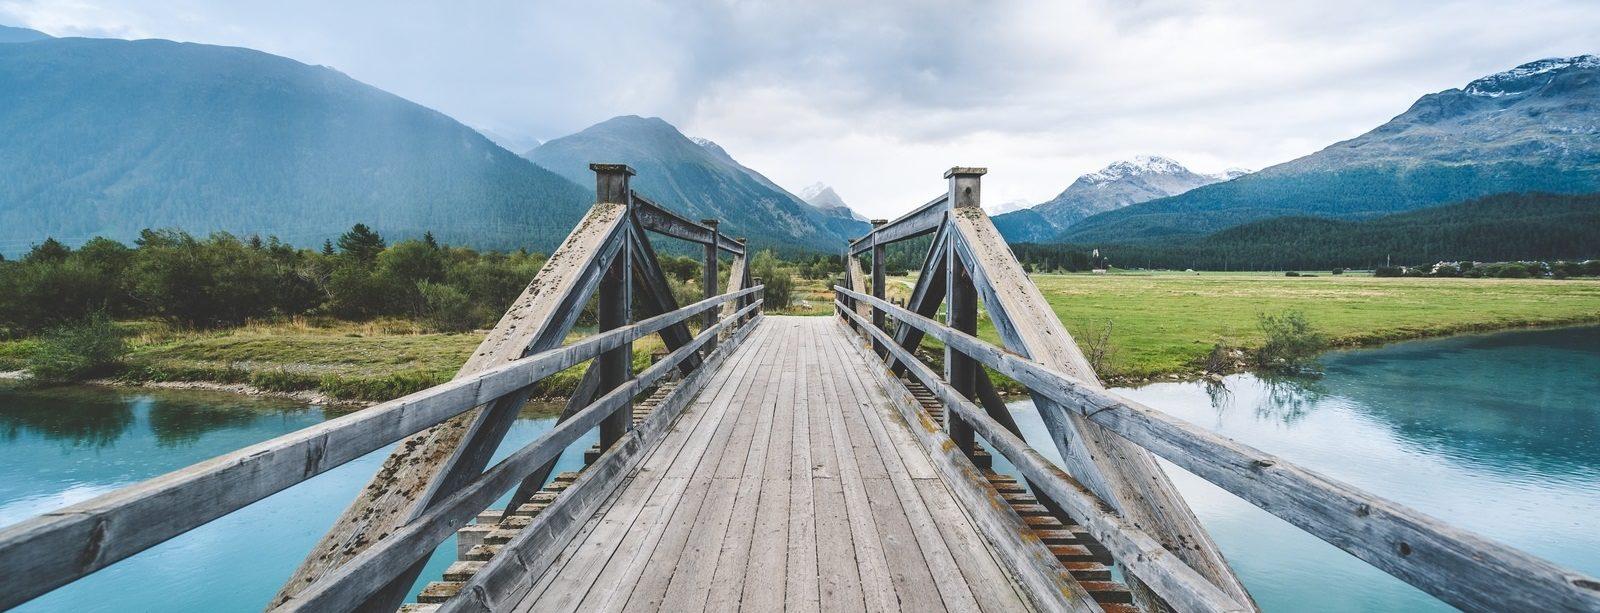 Innbrücke bei Celerina